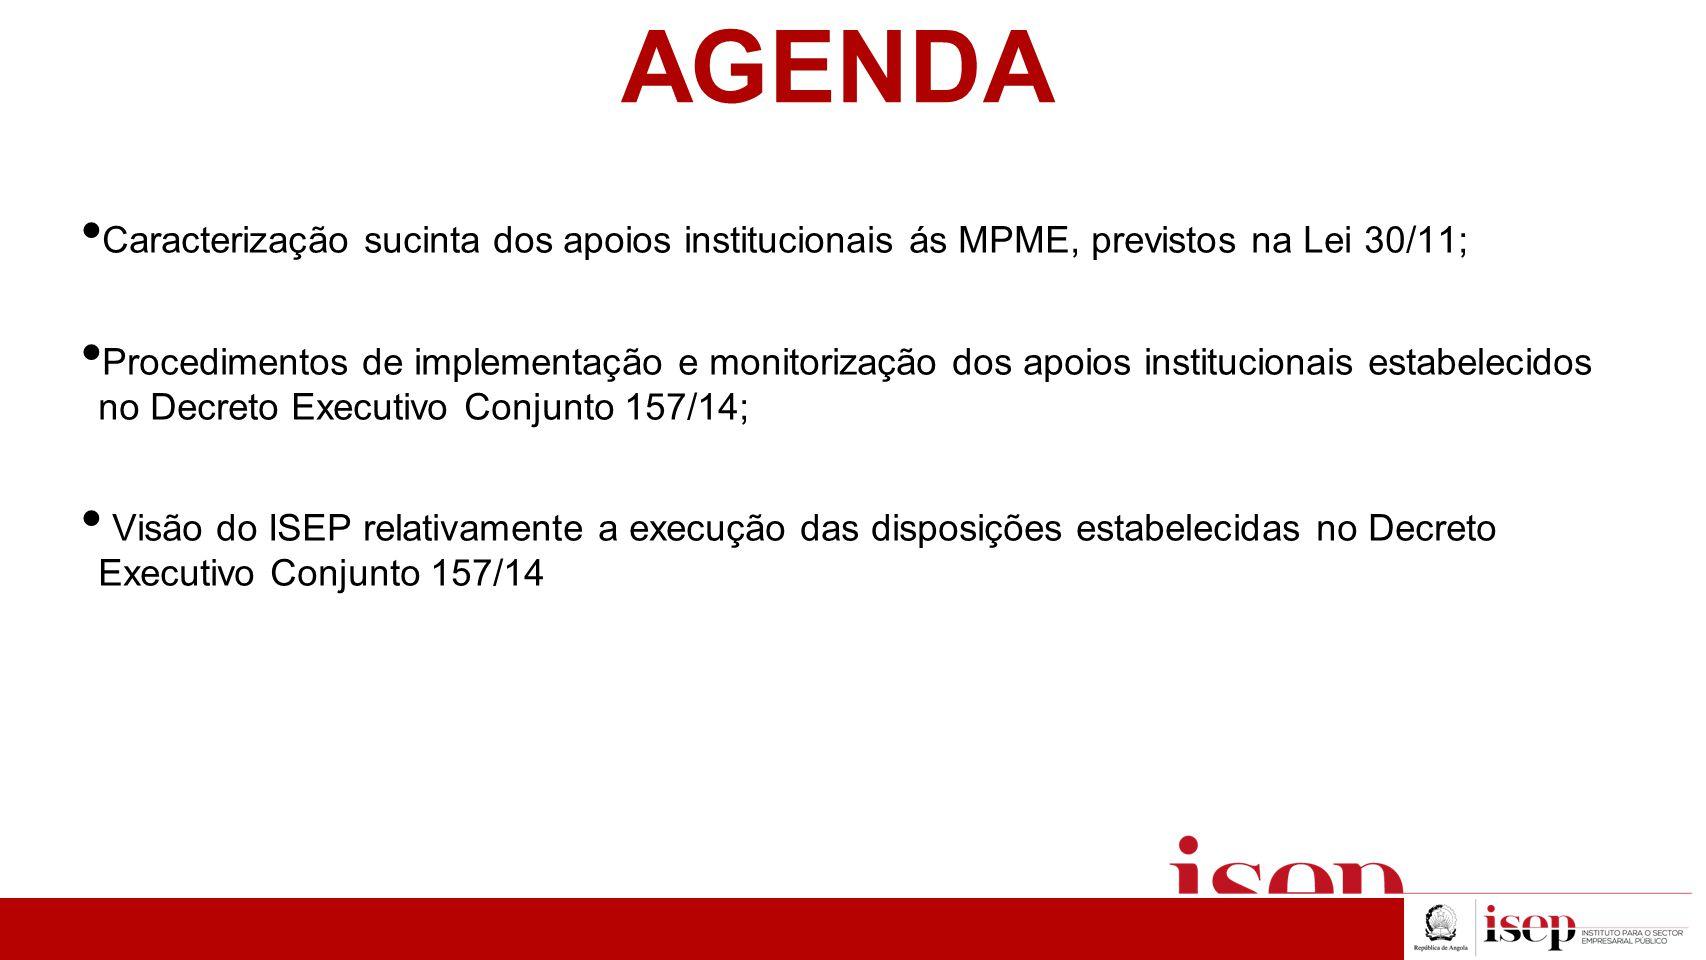 AGENDA Caracterização sucinta dos apoios institucionais ás MPME, previstos na Lei 30/11;